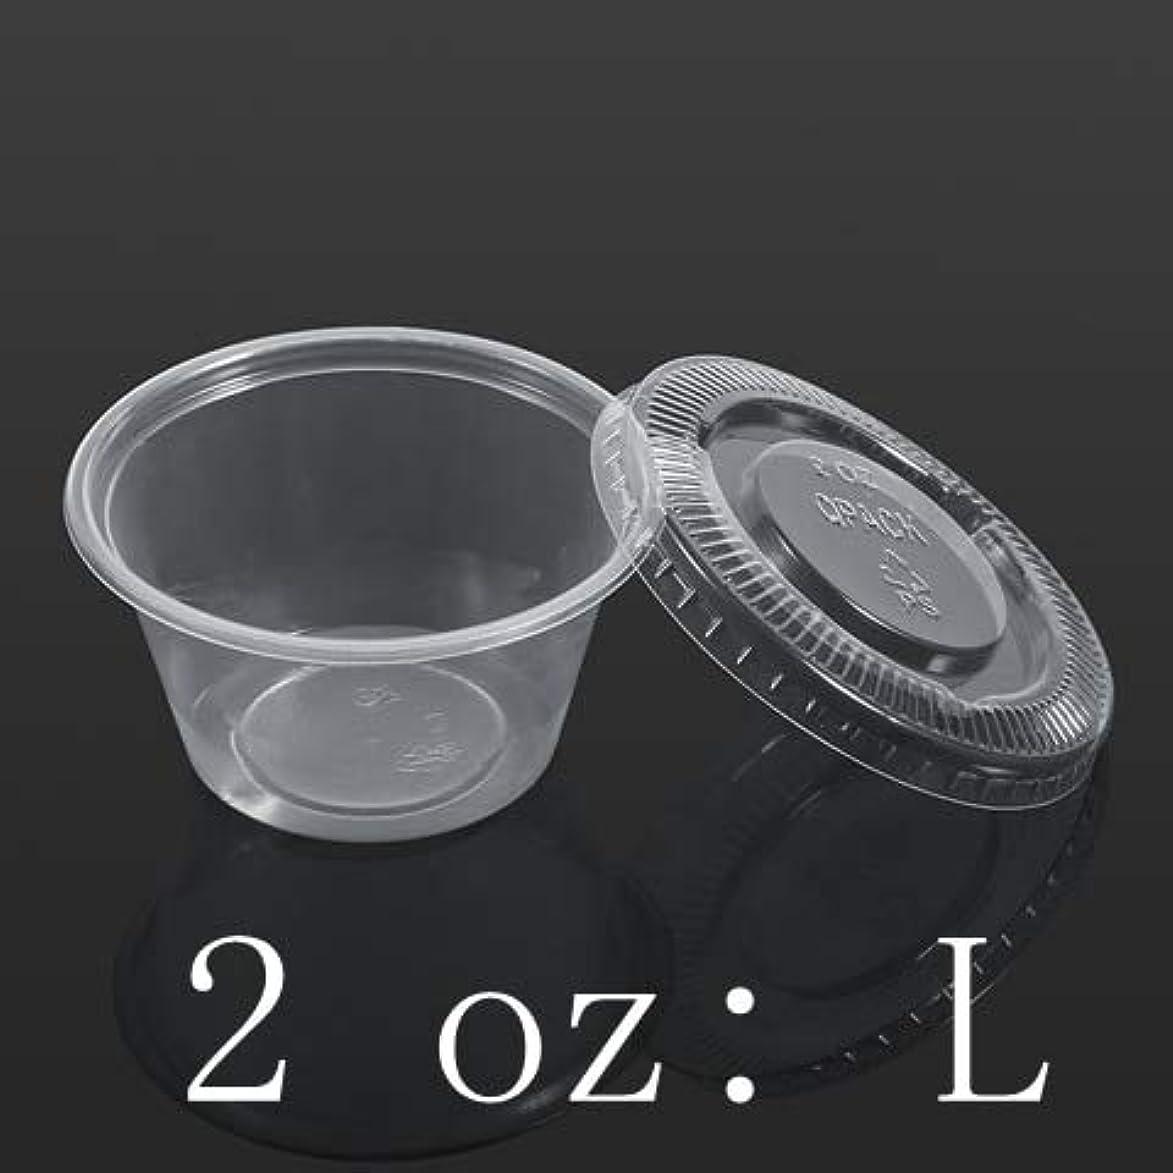 Maxcrestas - 蓋食品テイクアウトでMaxcrestas - 50pcsの醤油カップ使い捨てのプラスチック製のクリアソースチャツネカップボックス